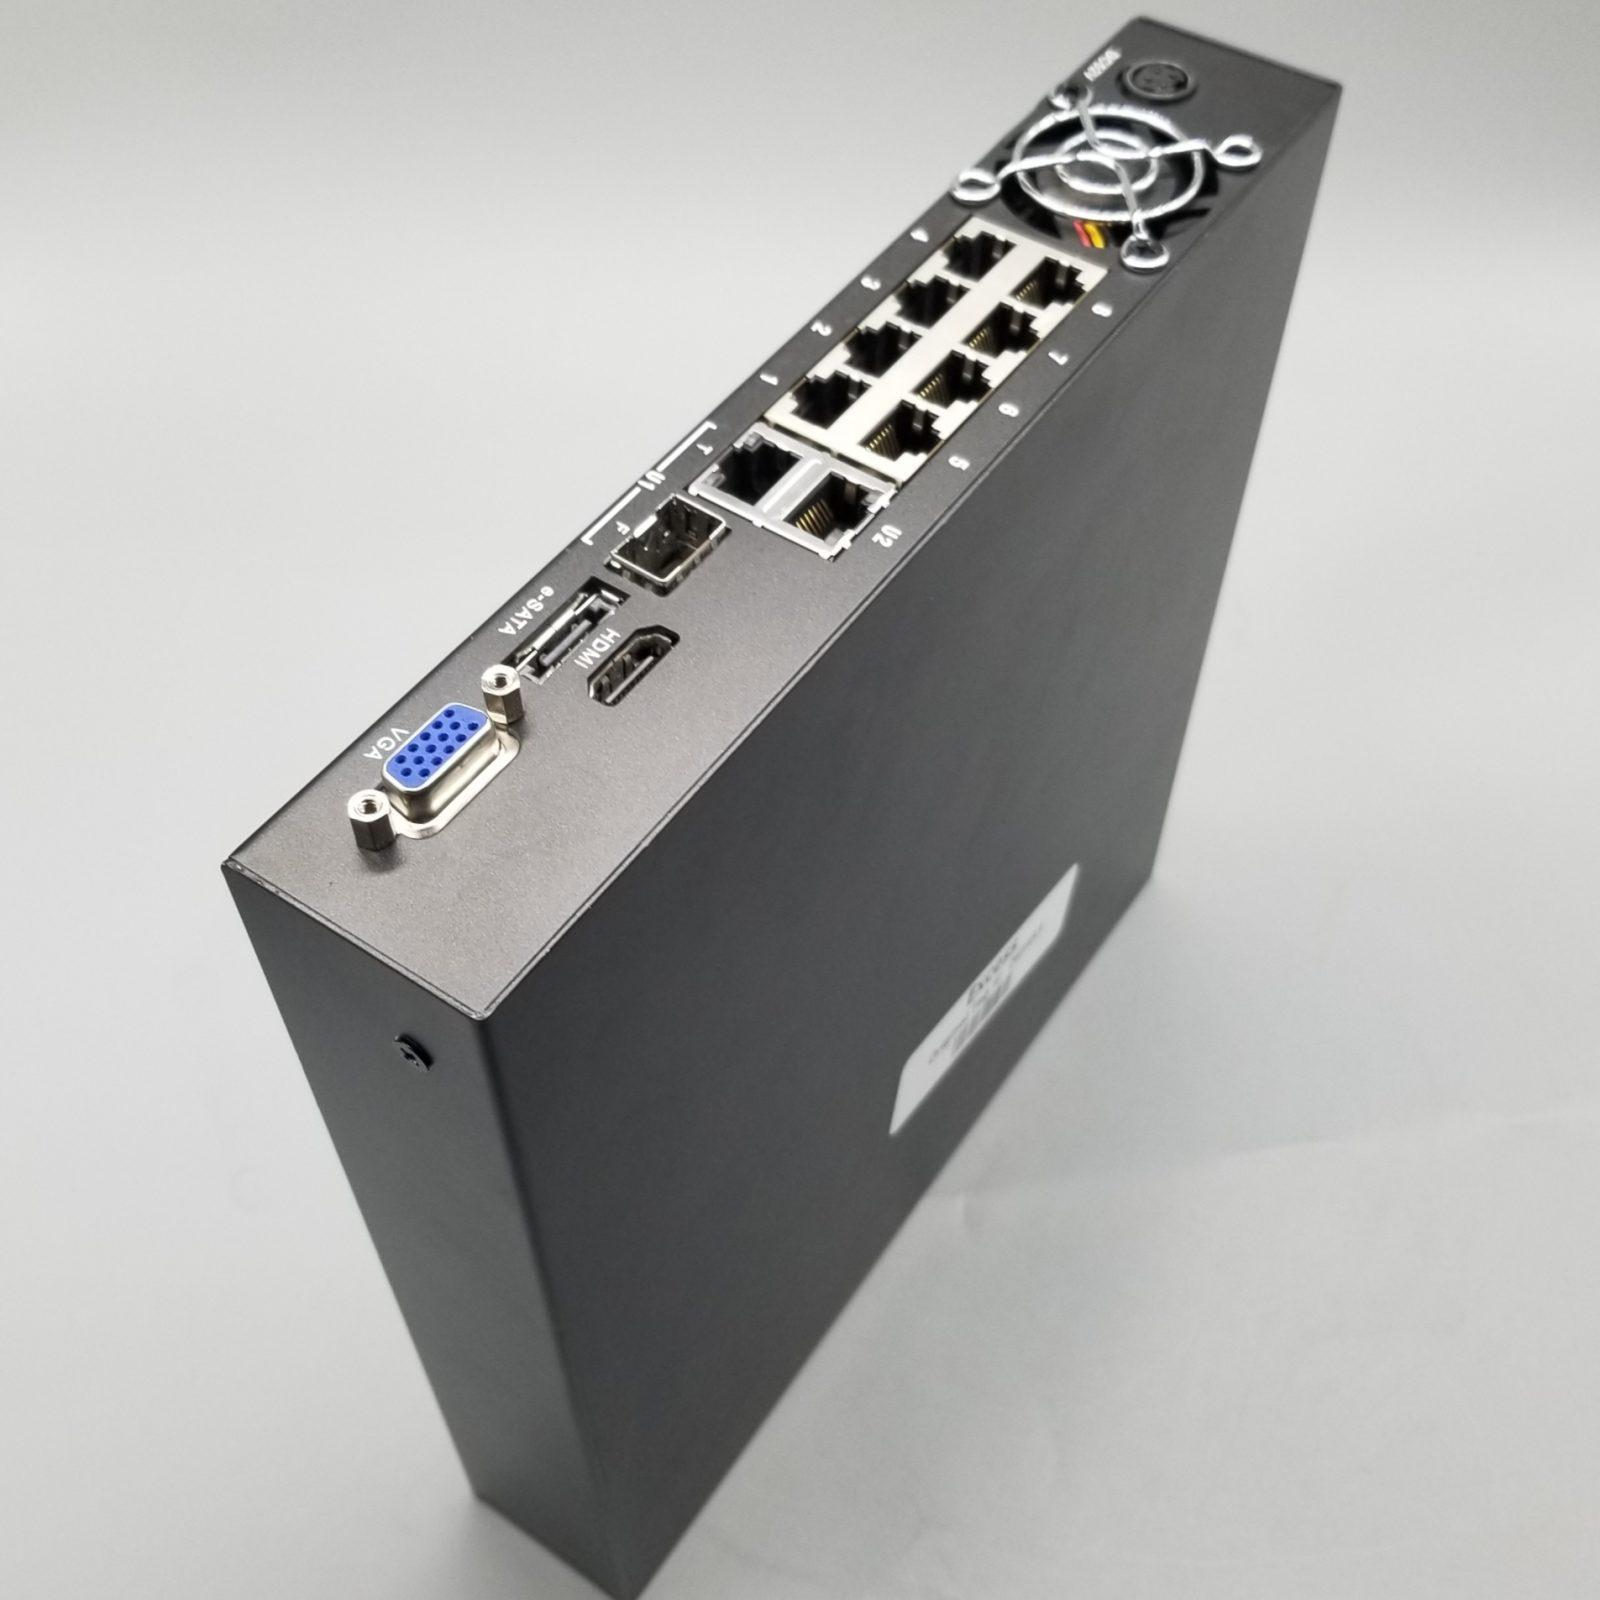 Razberi MPro Series ServerSwitch (8 Port) Core-i3-3220, 4 TB – RAZ-MPR08-I3-4T